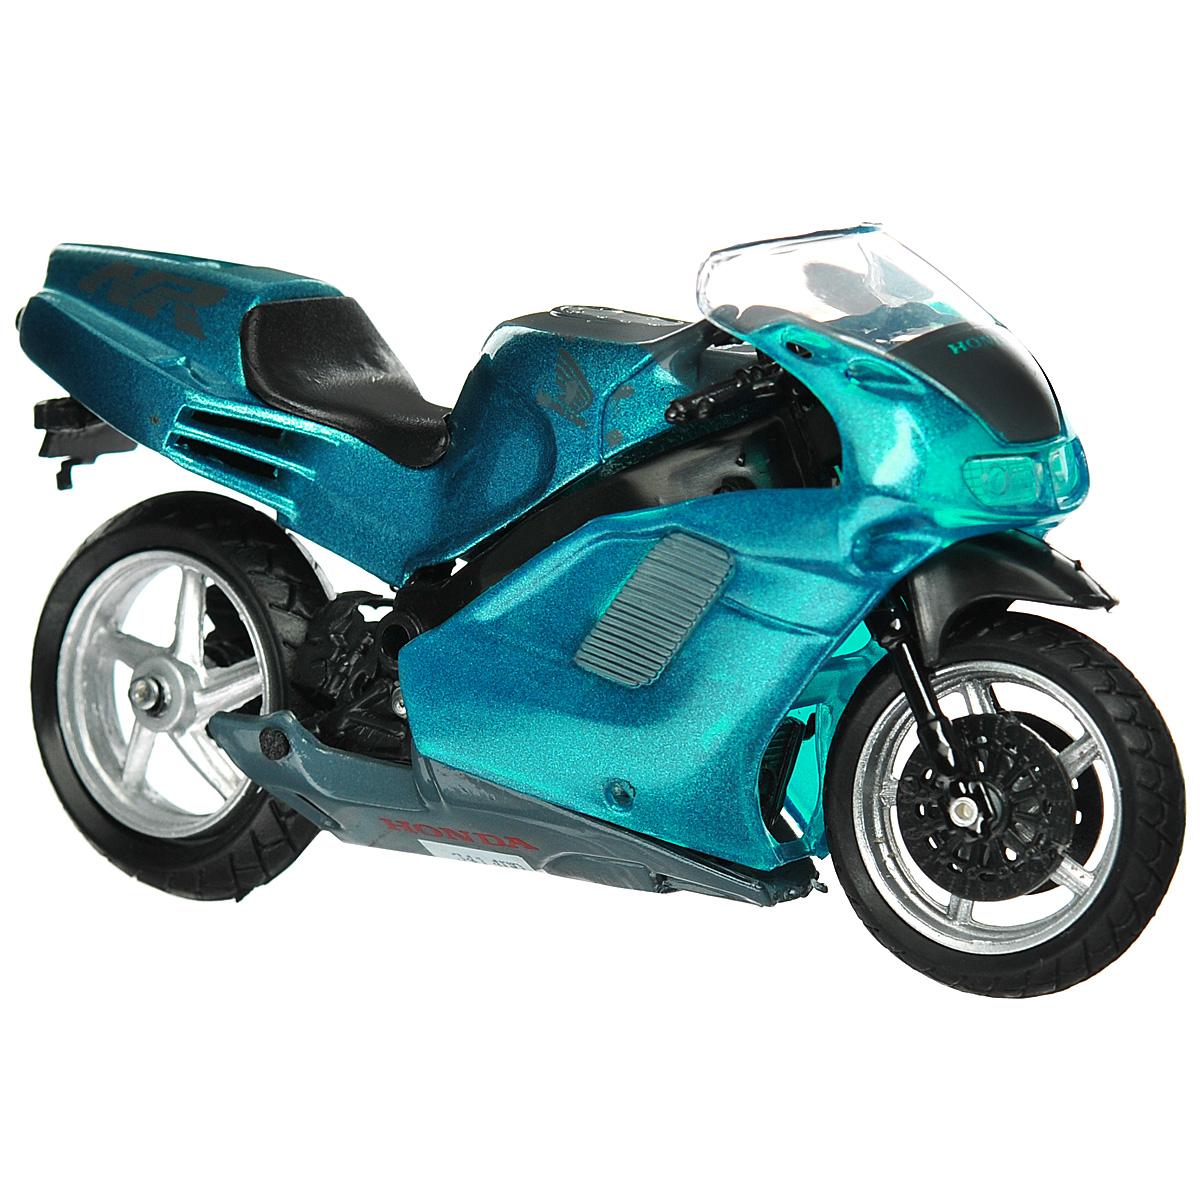 Autotime Коллекционная модель мотоцикла Honda NR, цвет: темно-бирюзовый. Масштаб 1/18